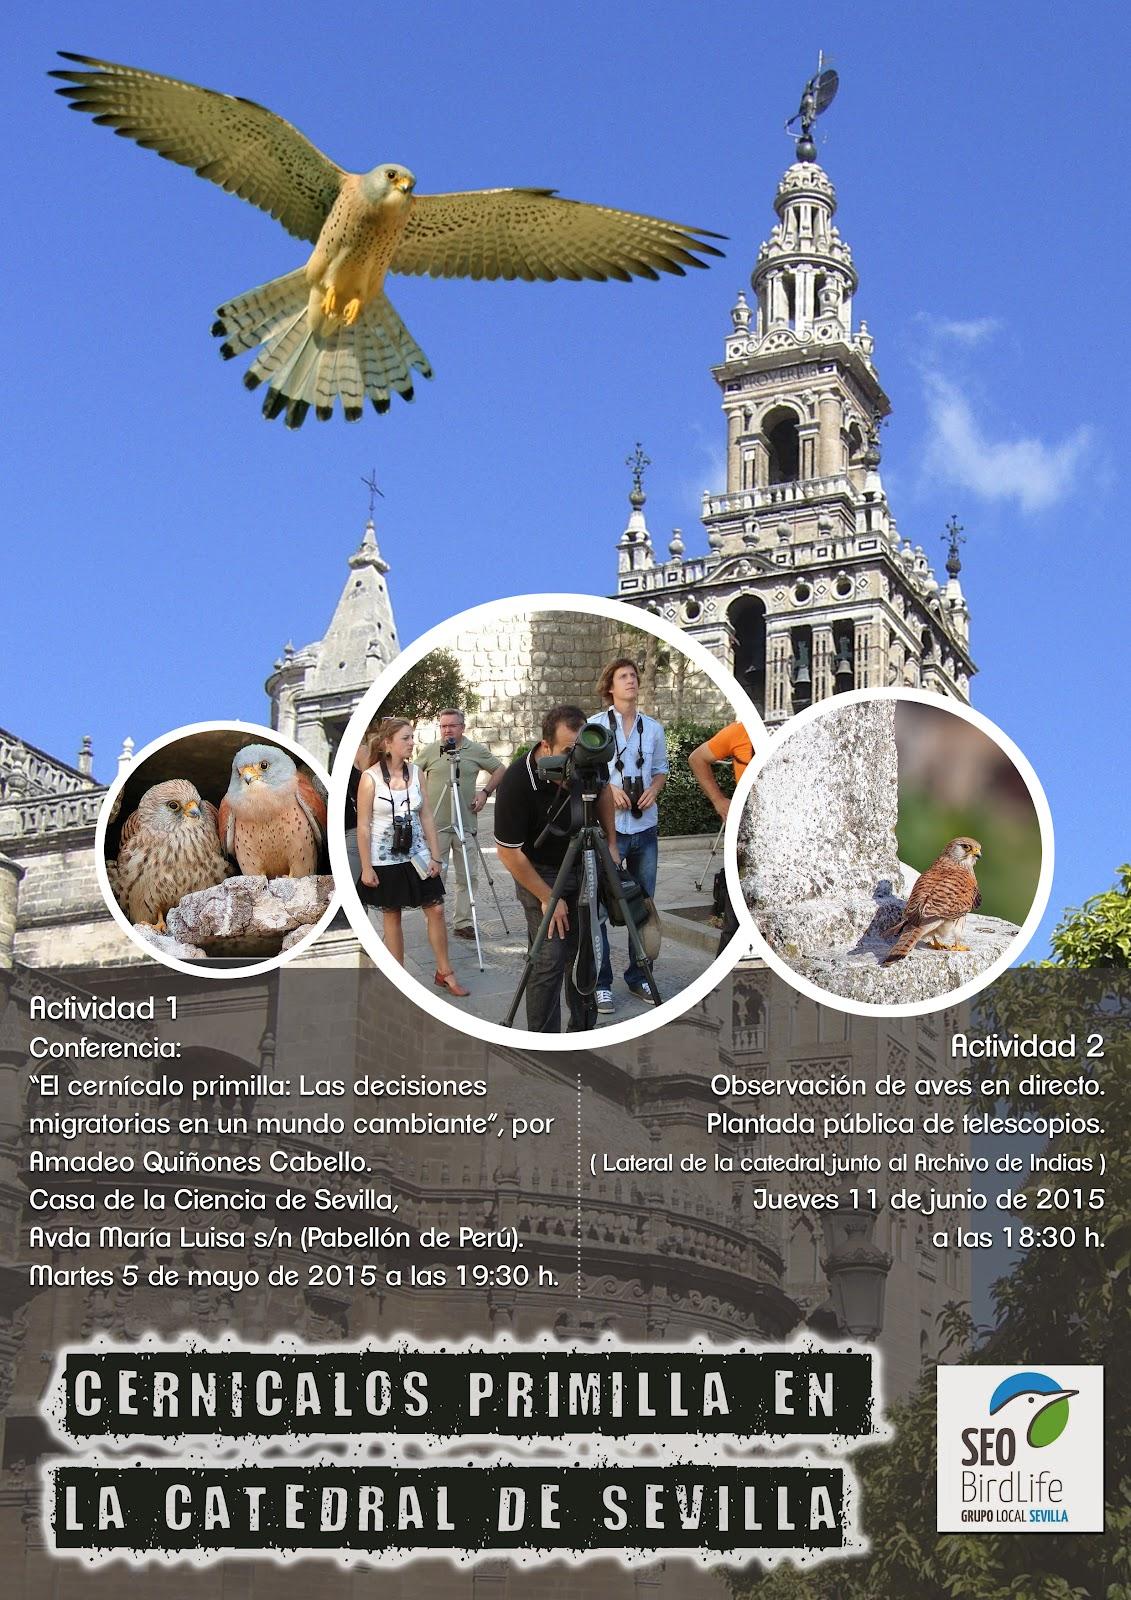 CERNÍCALOS PRIMILLA EN LA CATEDRAL DE SEVILLA. Observación de aves en directo celebrando el Día Mundial del Medio Ambiente